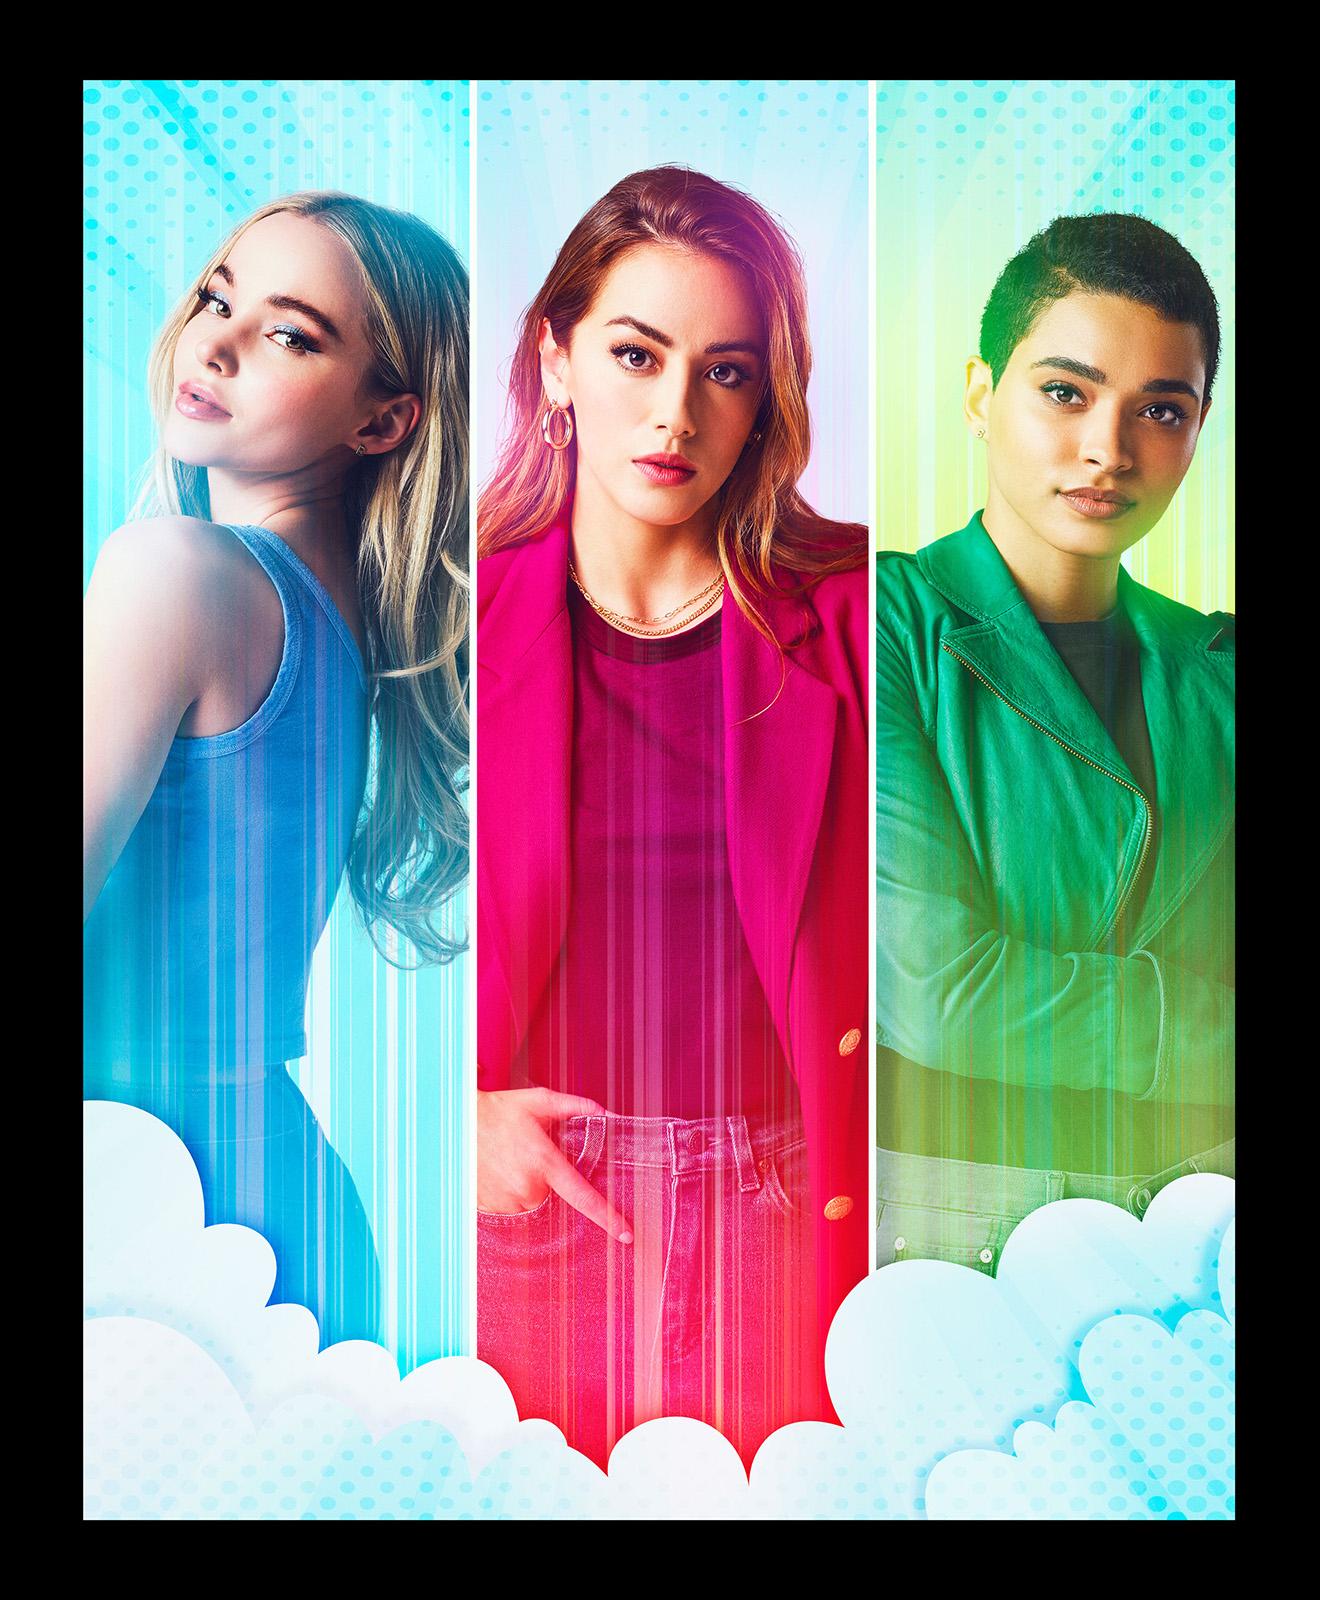 Imagem oficial da série live-action de As Meninas Super Poderosas